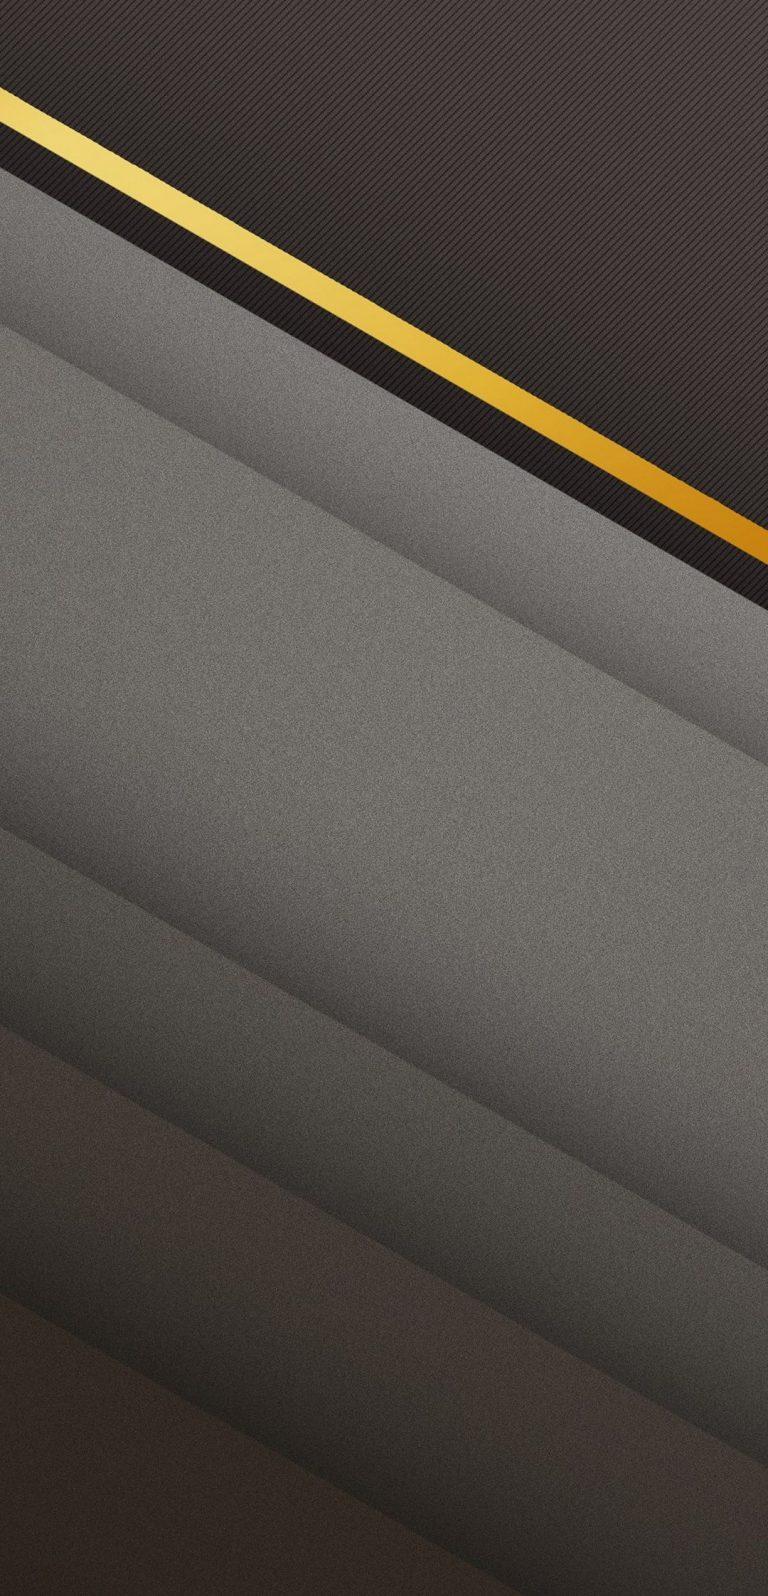 1080x2244 Wallpaper 018 768x1596